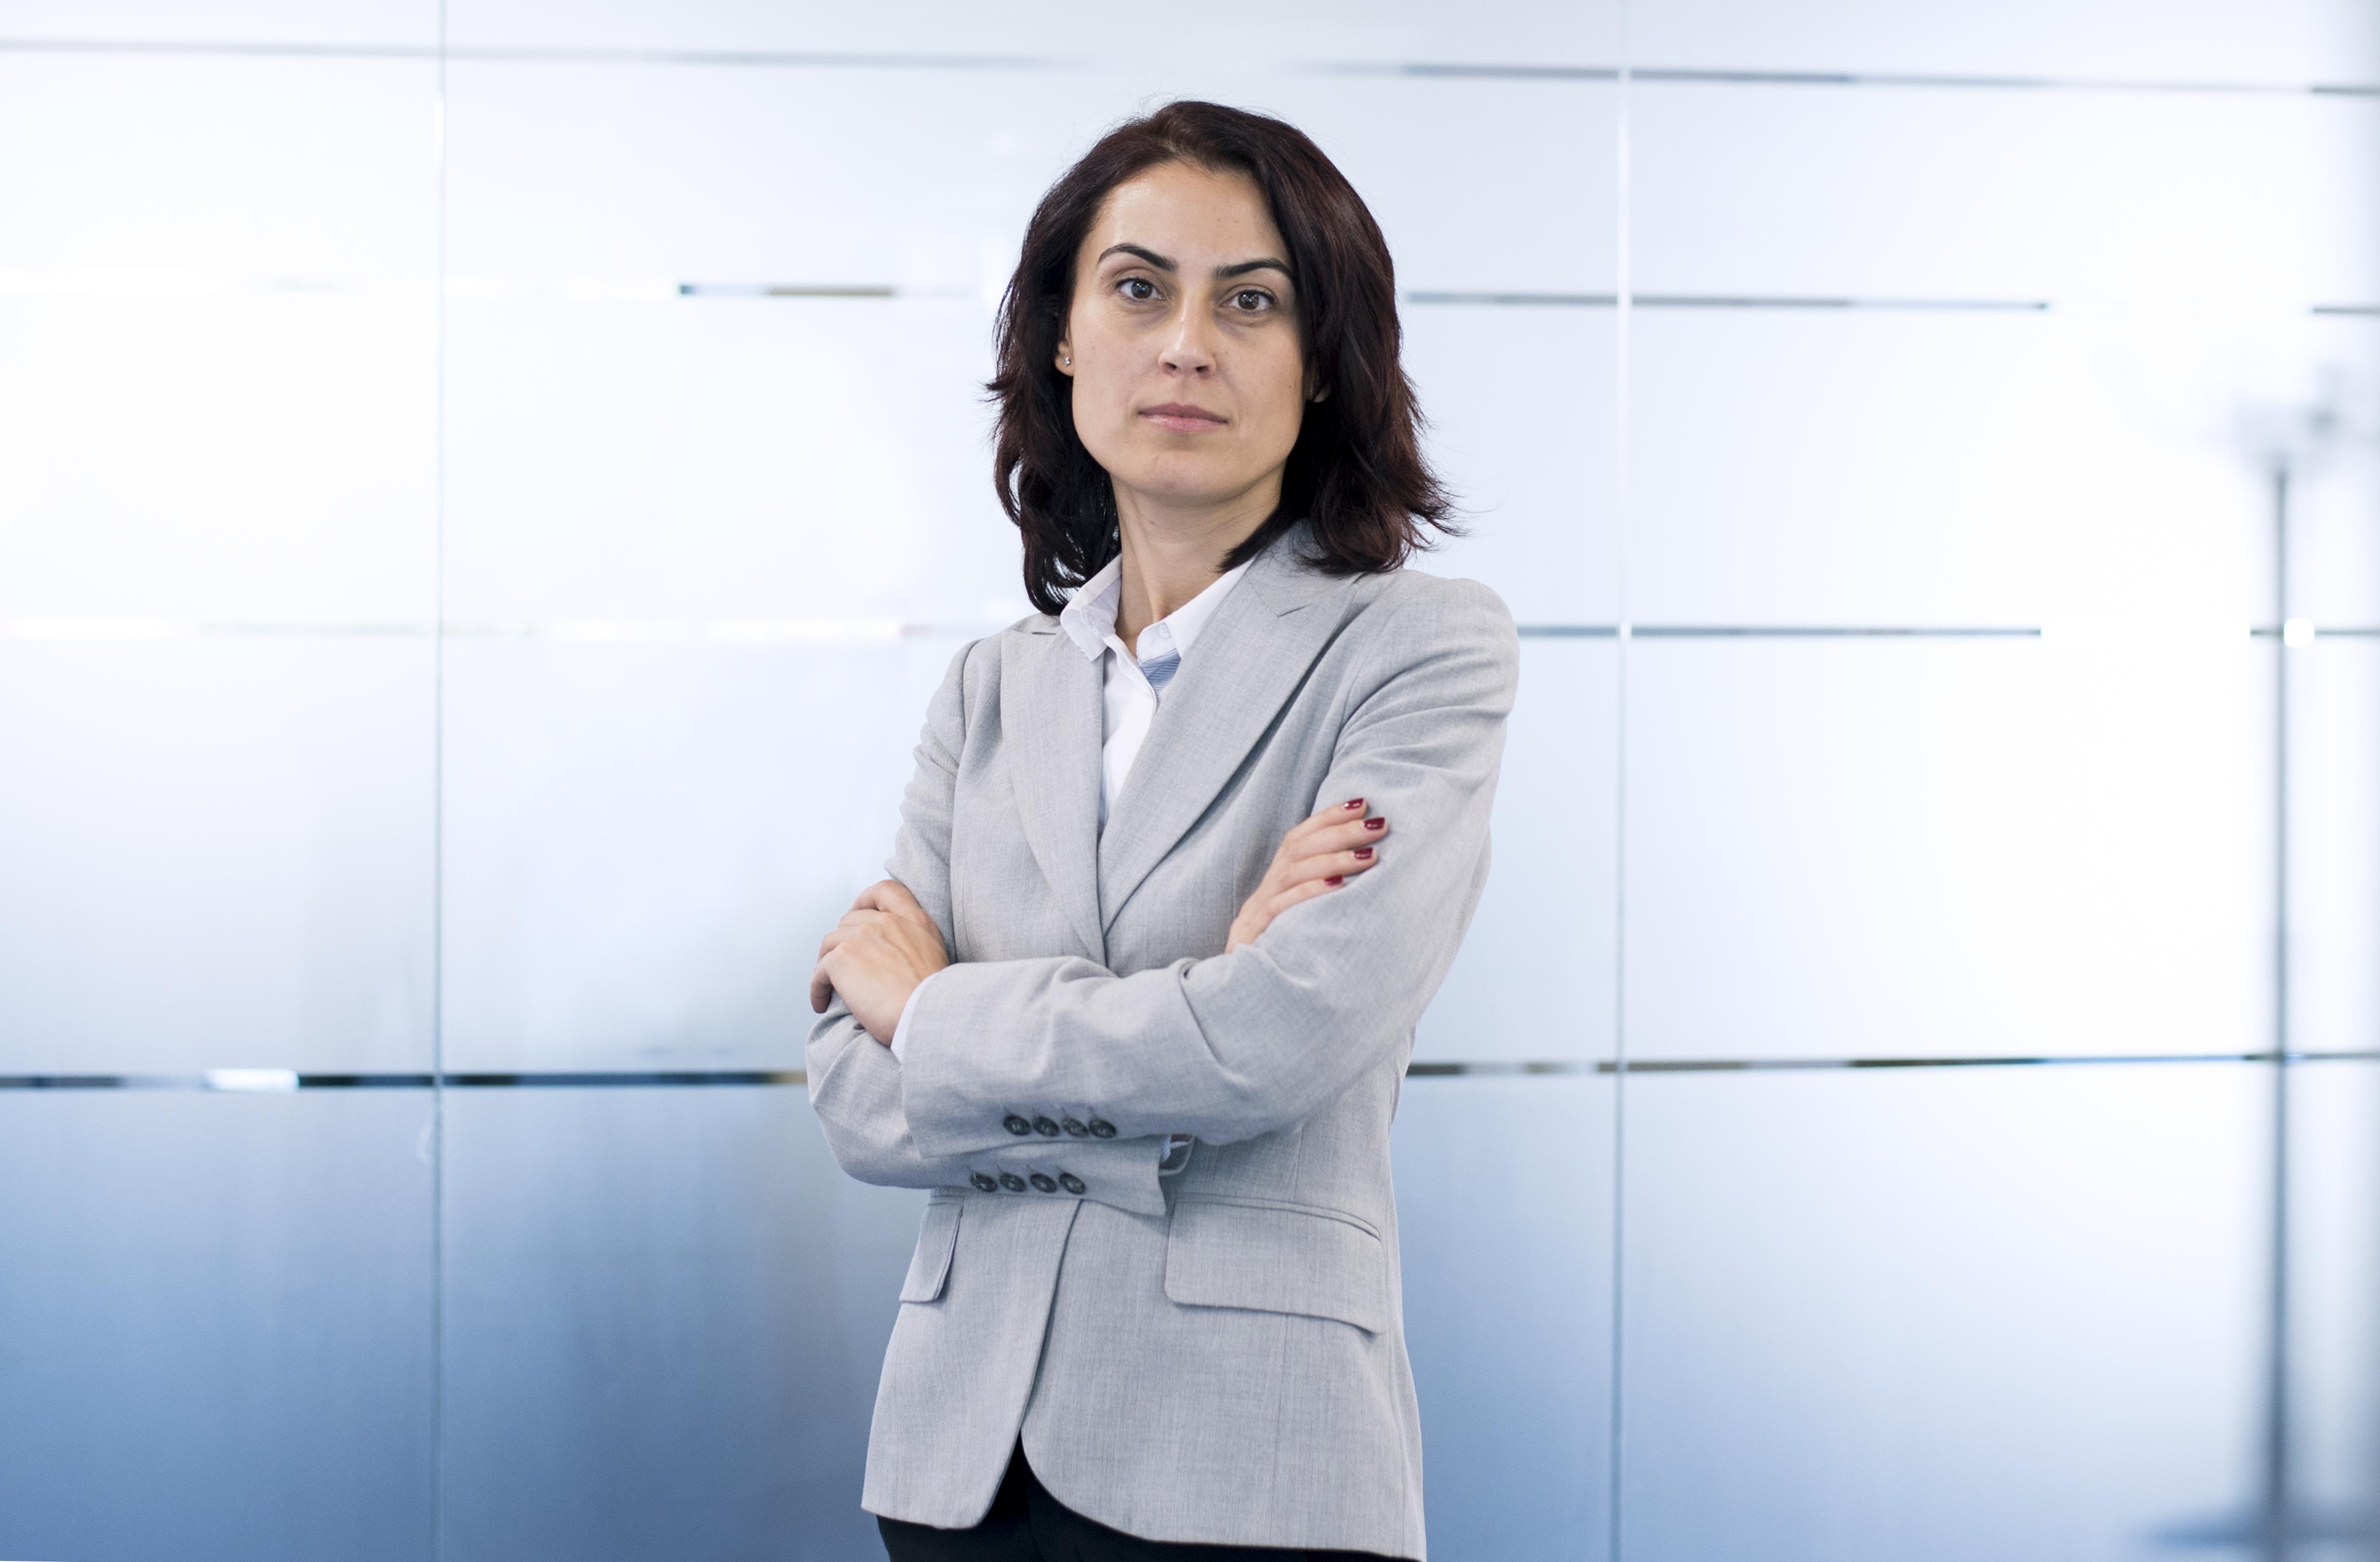 """Violeta Roșu, Managing Partner Blue Point: """"Am învățat că trebuie sa fiu un exemplu pentru compania mea, că trebuie să muncesc cot la cot cu angajații mei, ca să reușim în ce ne propunem"""""""